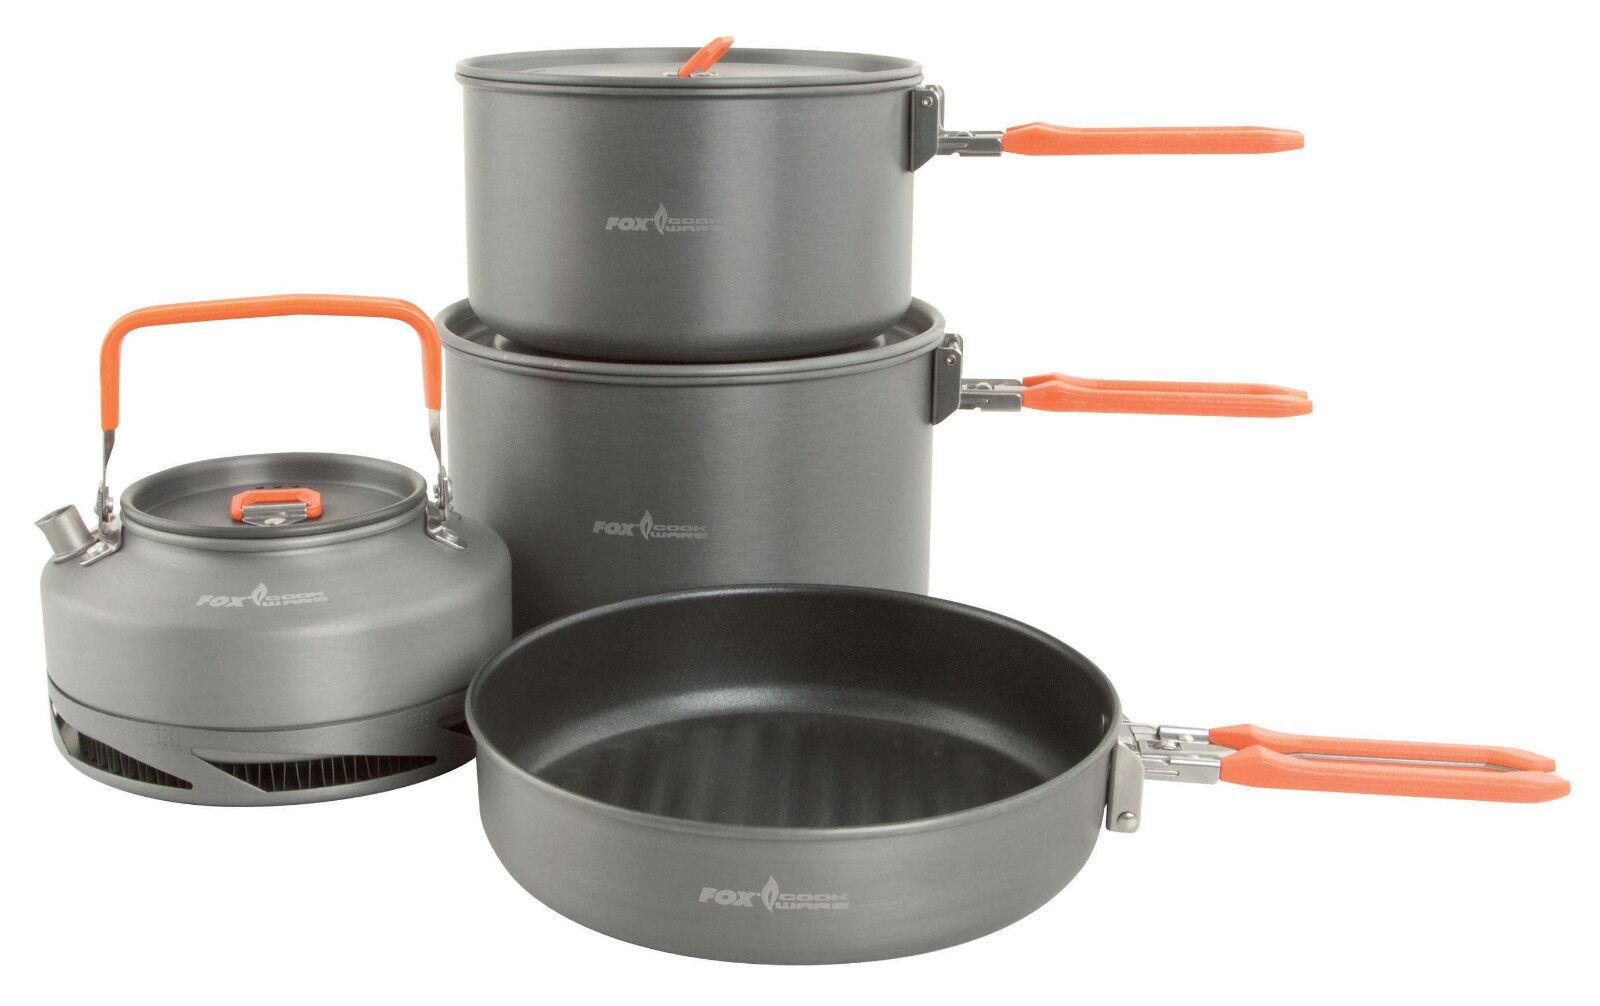 Fox large Cookware set 4 pieces ccw002 vajilla angel vajilla utensilios de cocina